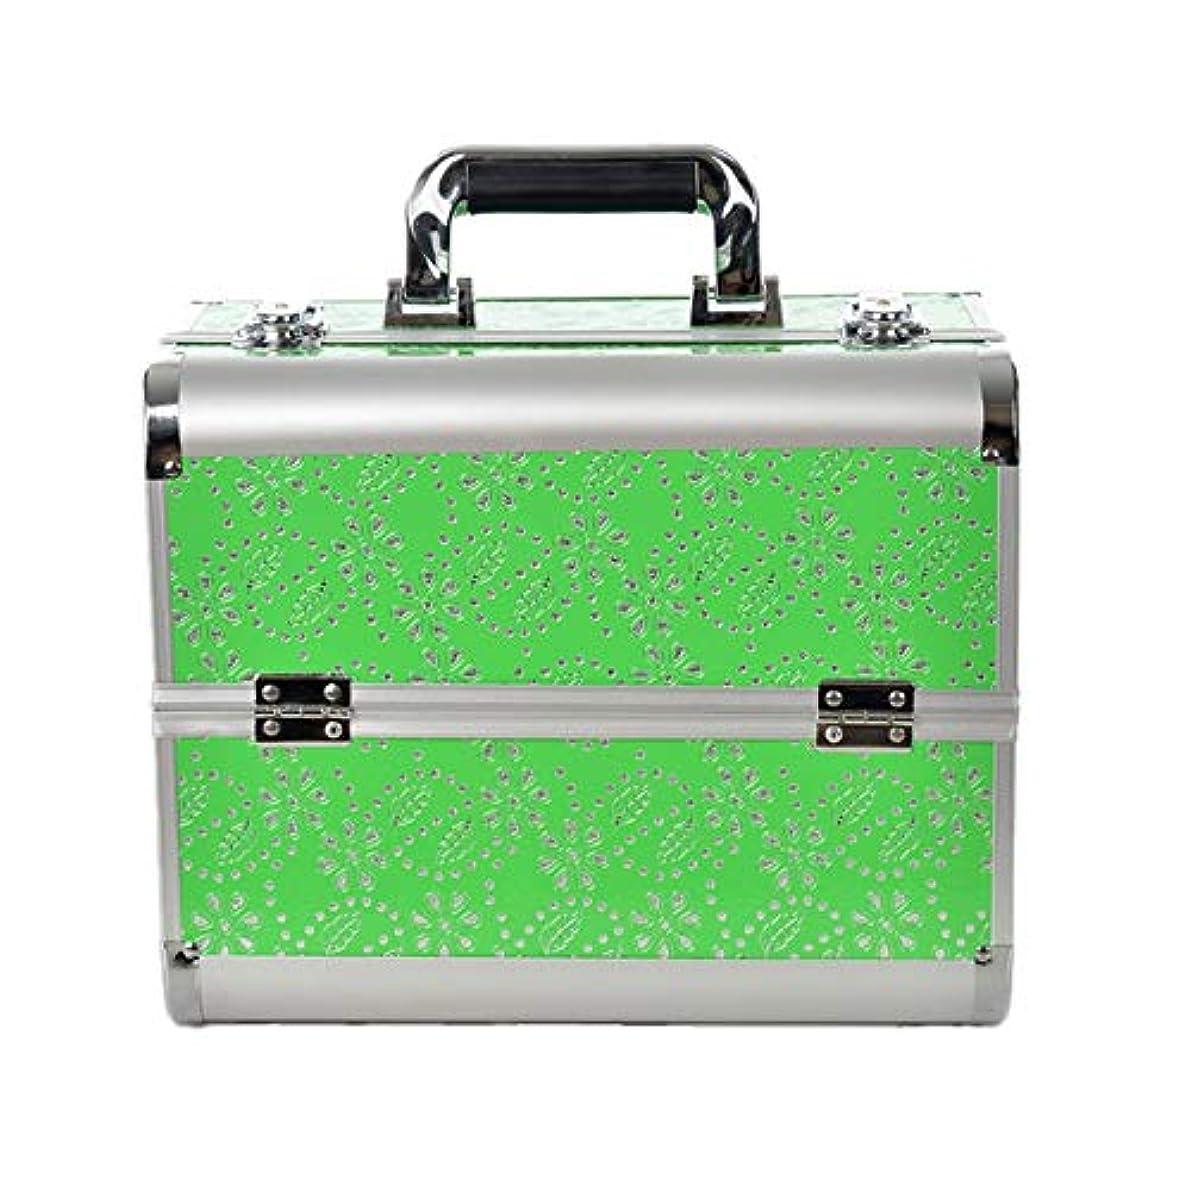 マイルストーン大工状況化粧オーガナイザーバッグ 大容量ポータブル化粧ケース(トラベルアクセサリー用)シャンプーボディウォッシュパーソナルアイテム収納式 化粧品ケース